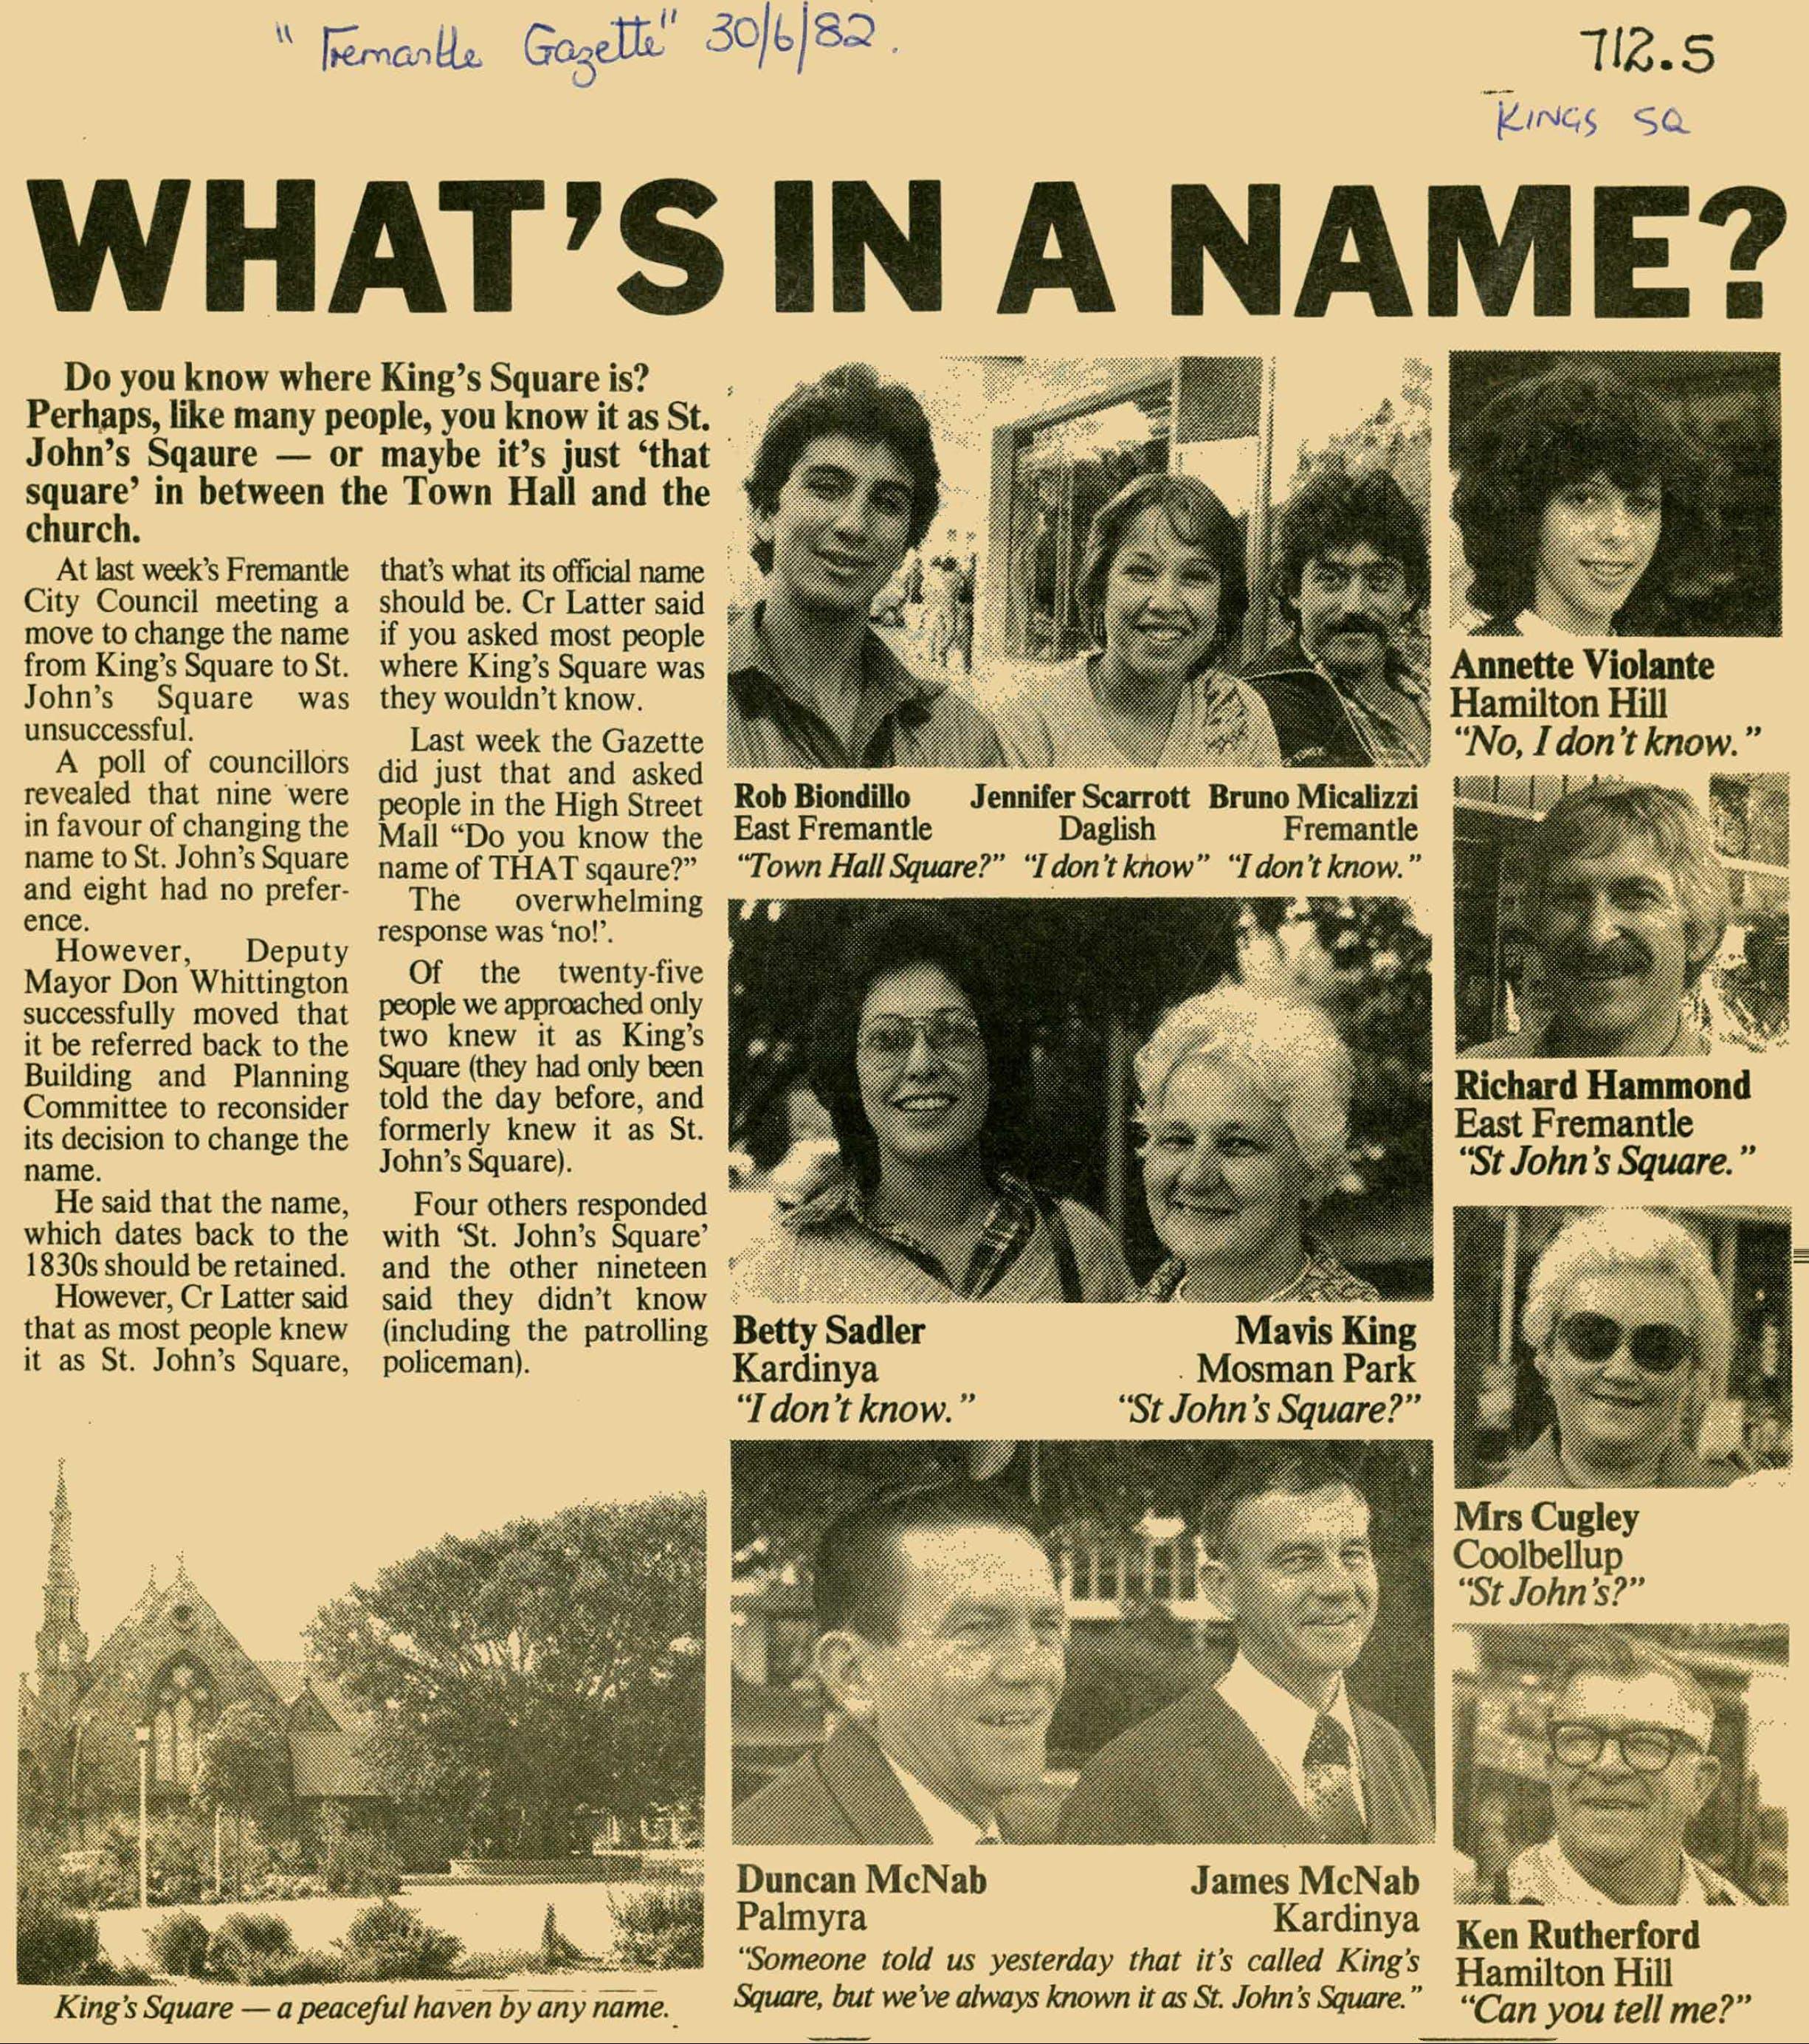 Fremantle Gazette 1982